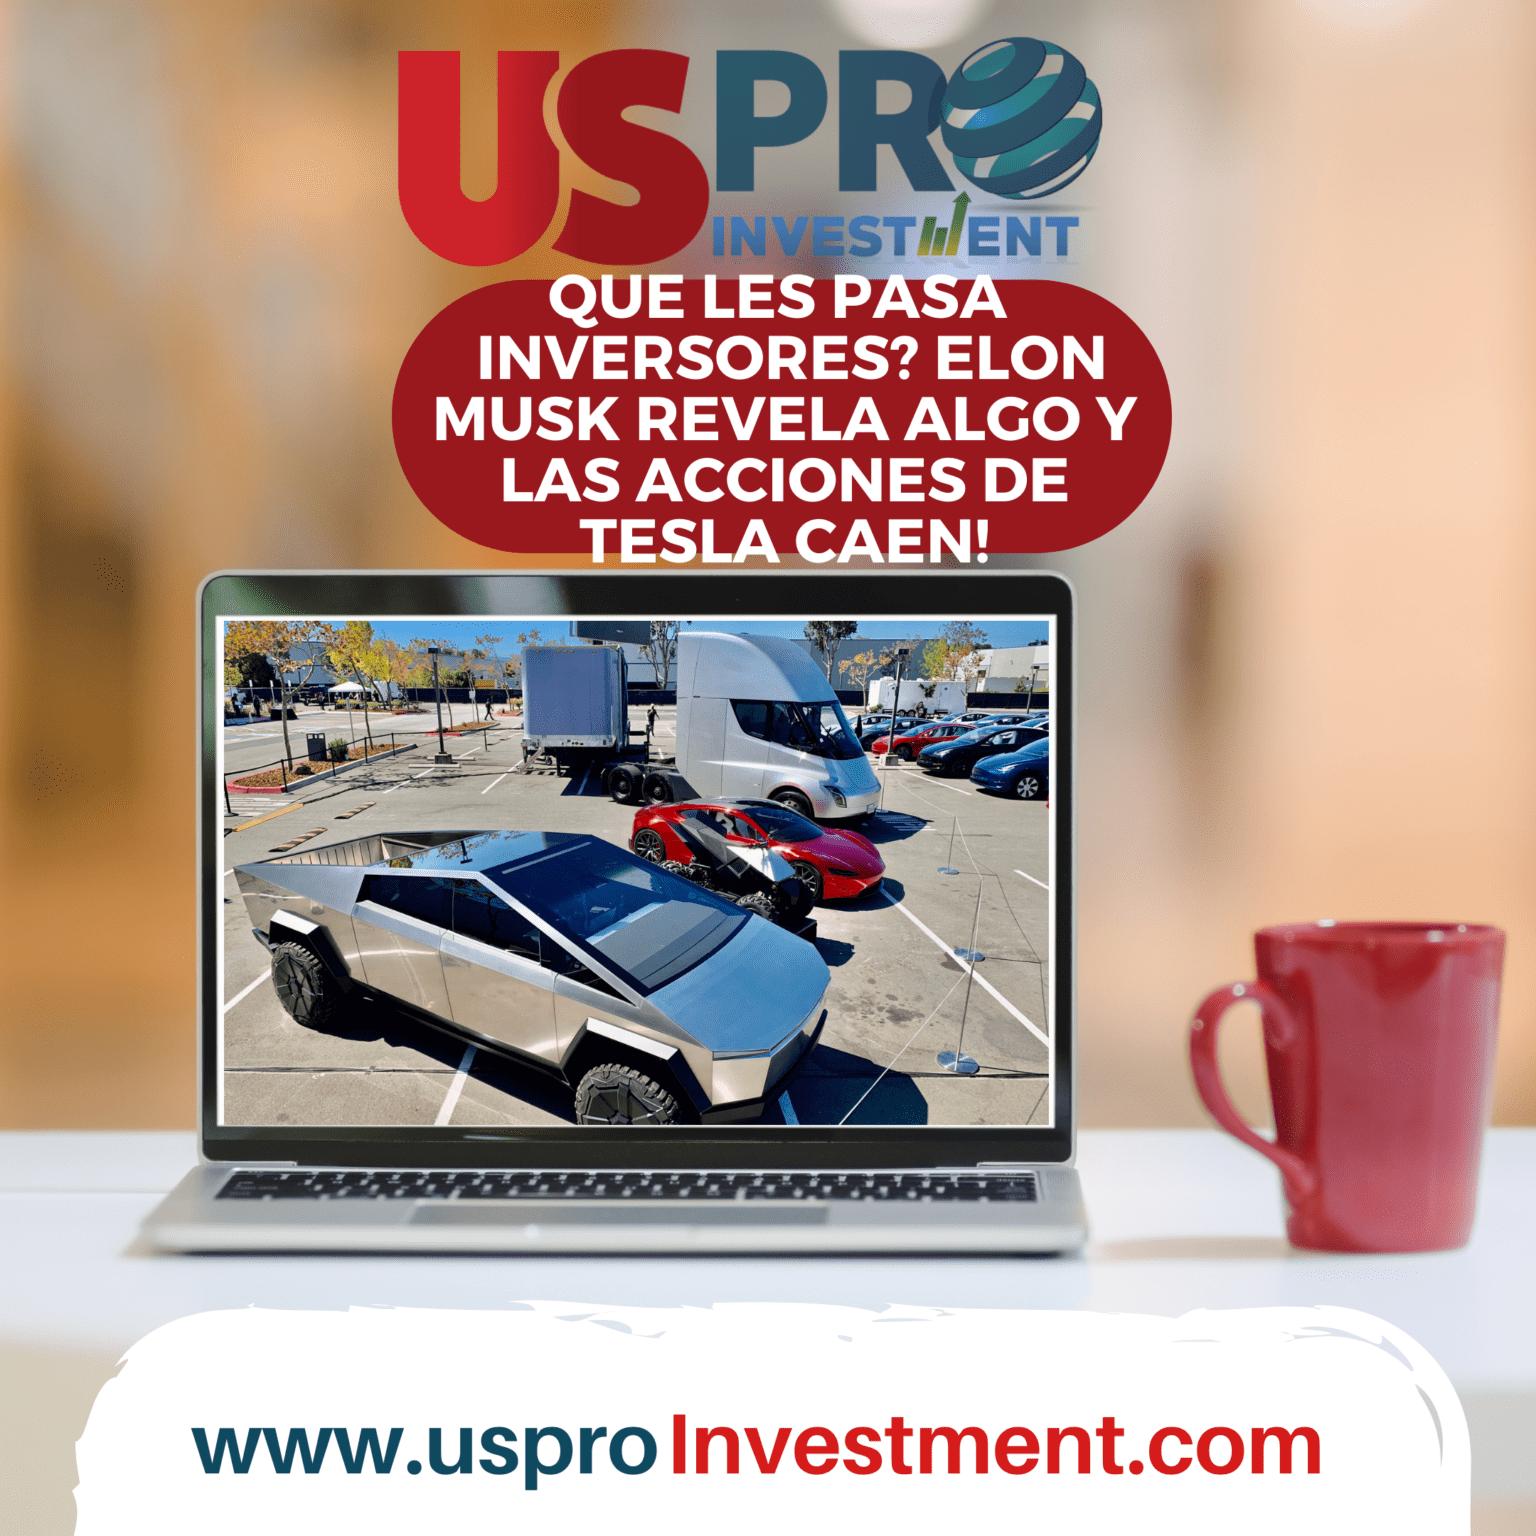 (Usproinvestment) Que les pasa a los inversores? Elon Mmusk revela algo y las acciones de Tesla caen! Us Pro Investment